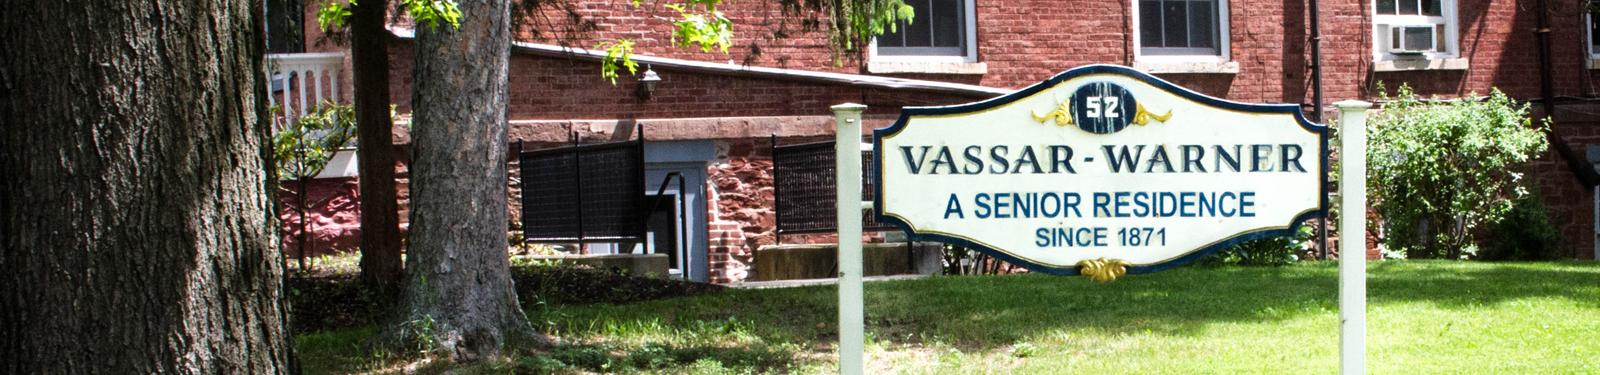 Vassar-Warner home, a senior residence since 1871